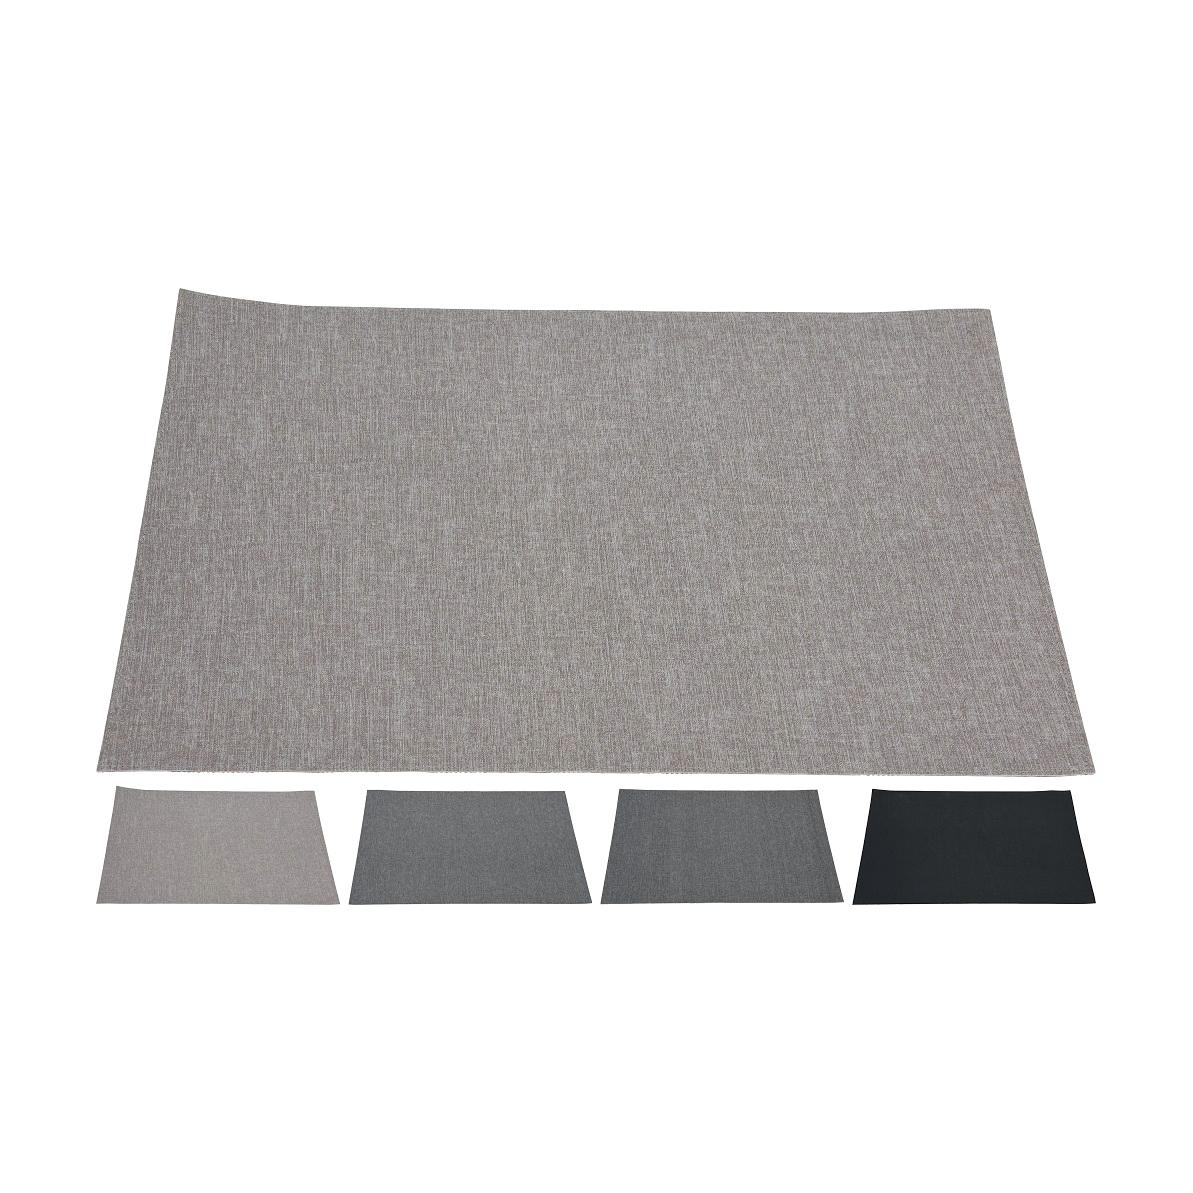 Салфетка под горячее Koopman tableware 43,5x28,5 см фото